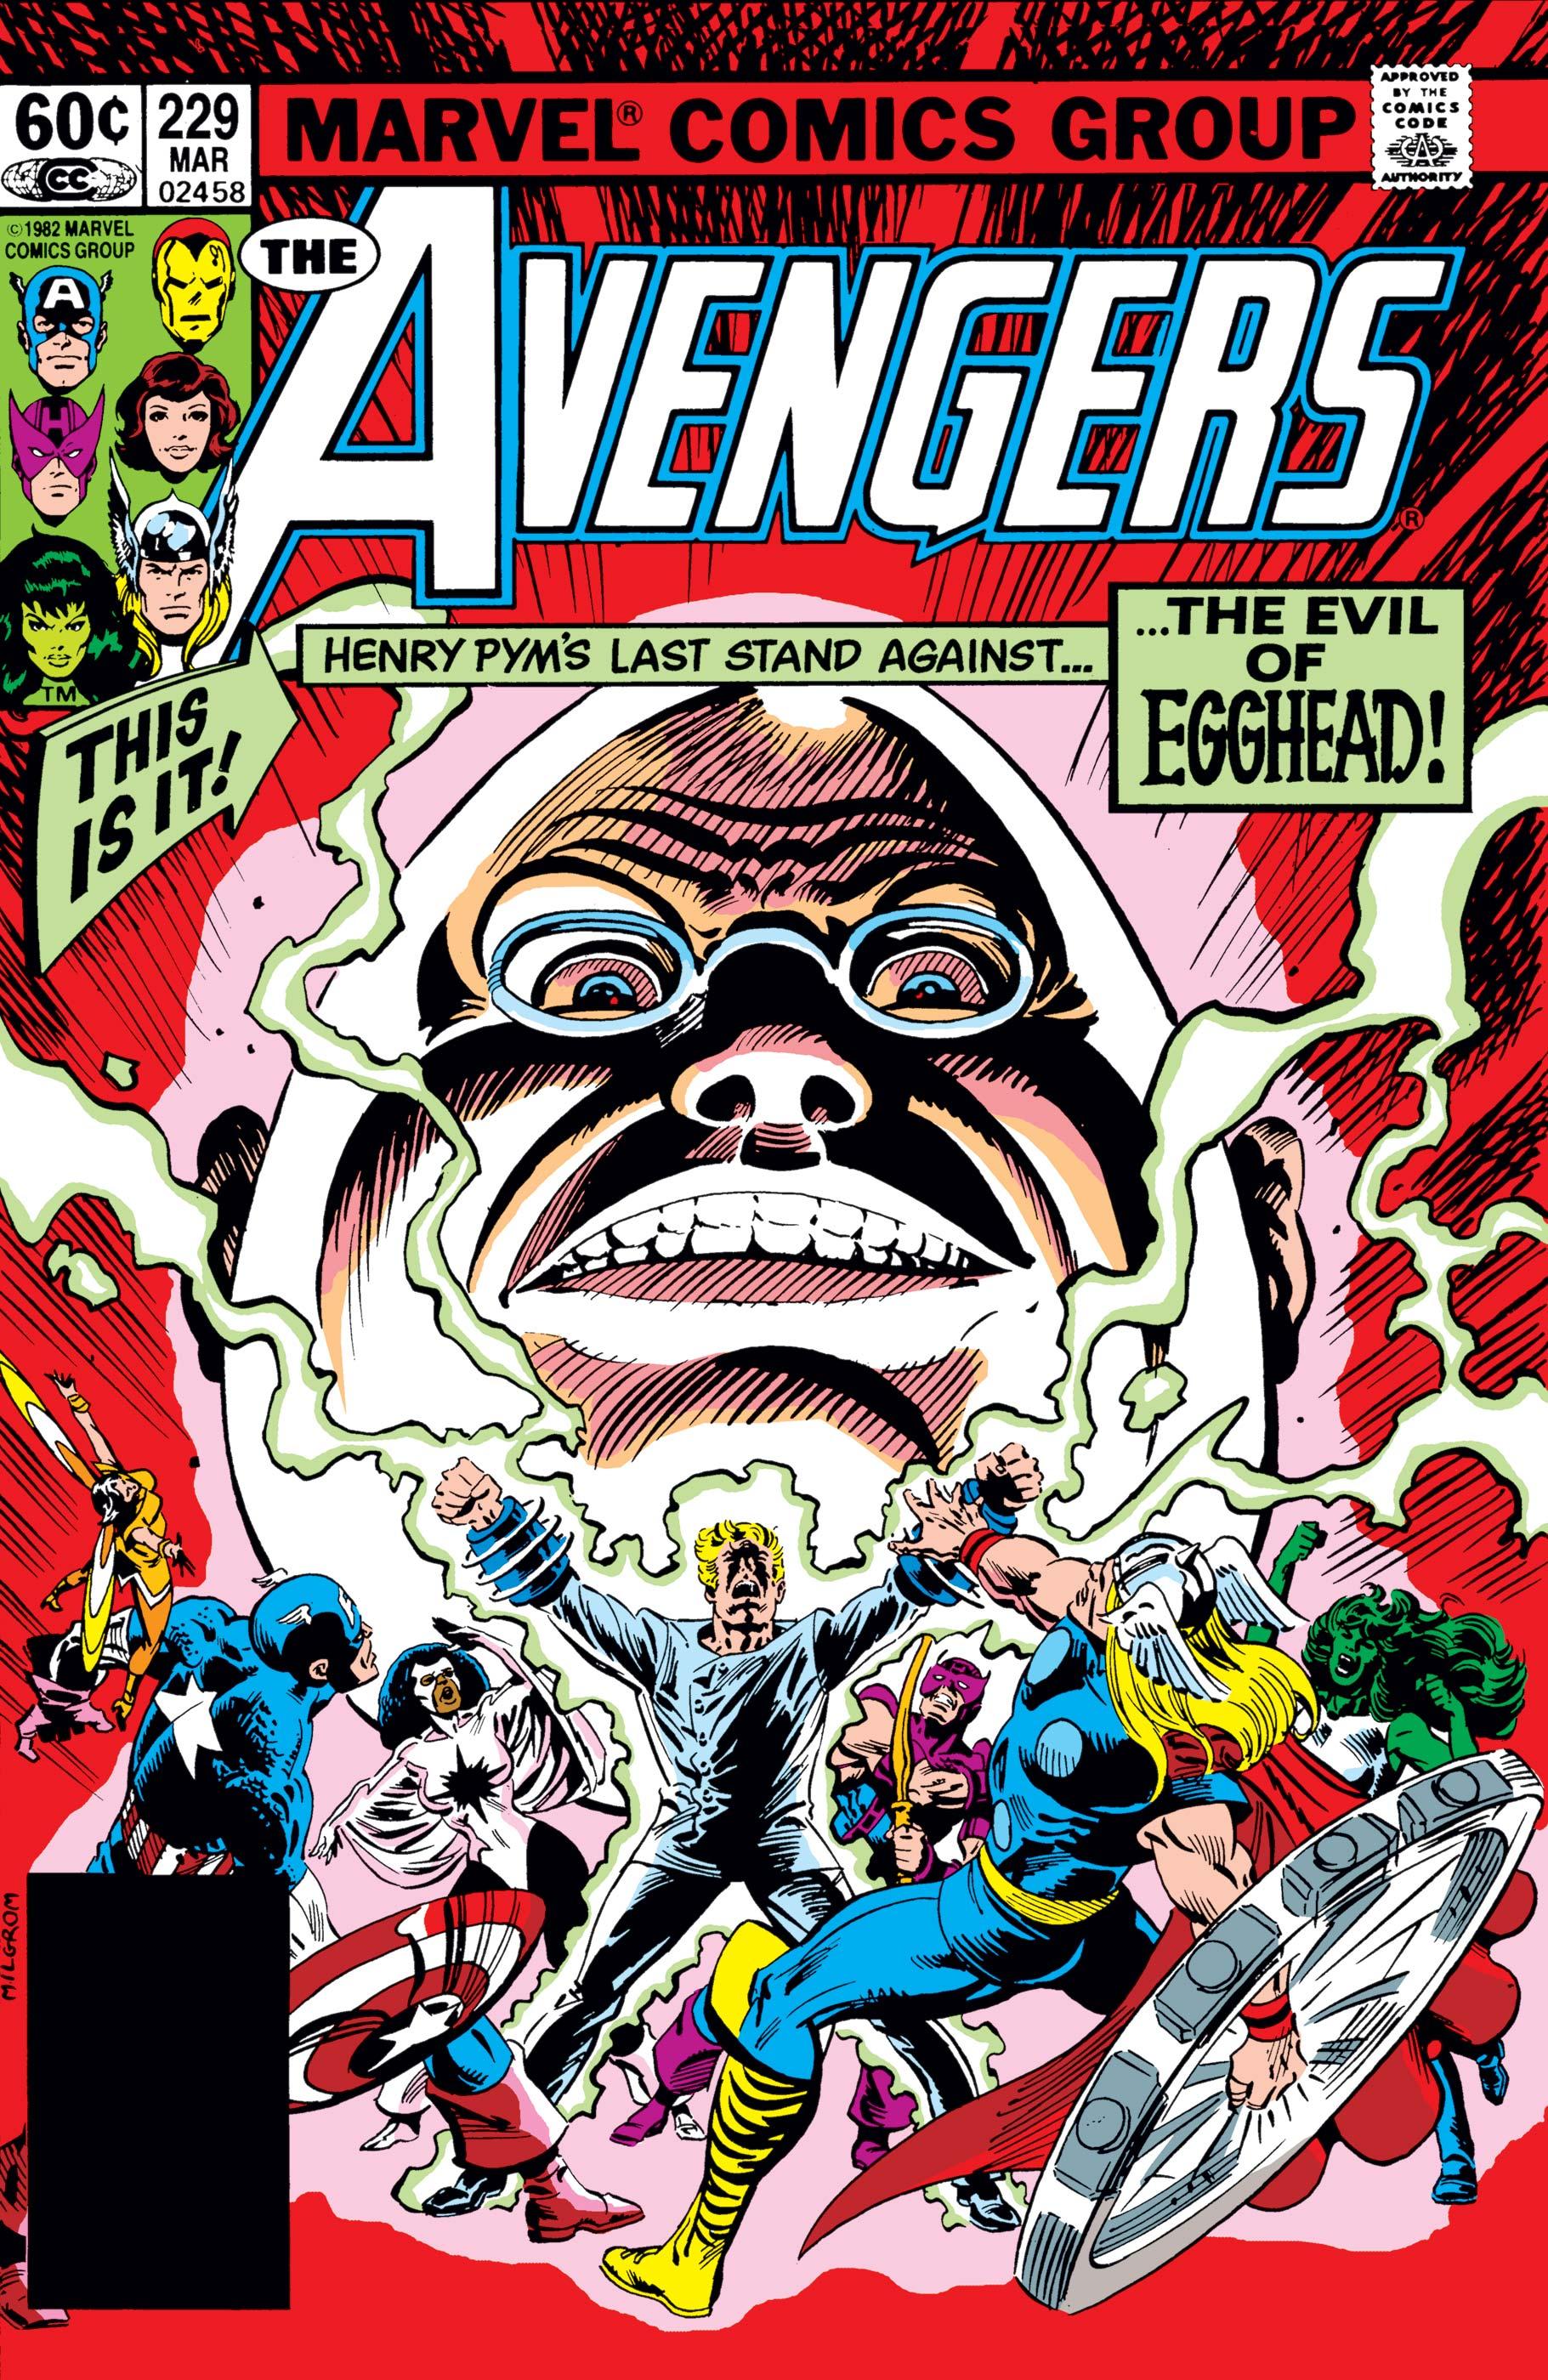 Avengers (1963) #229